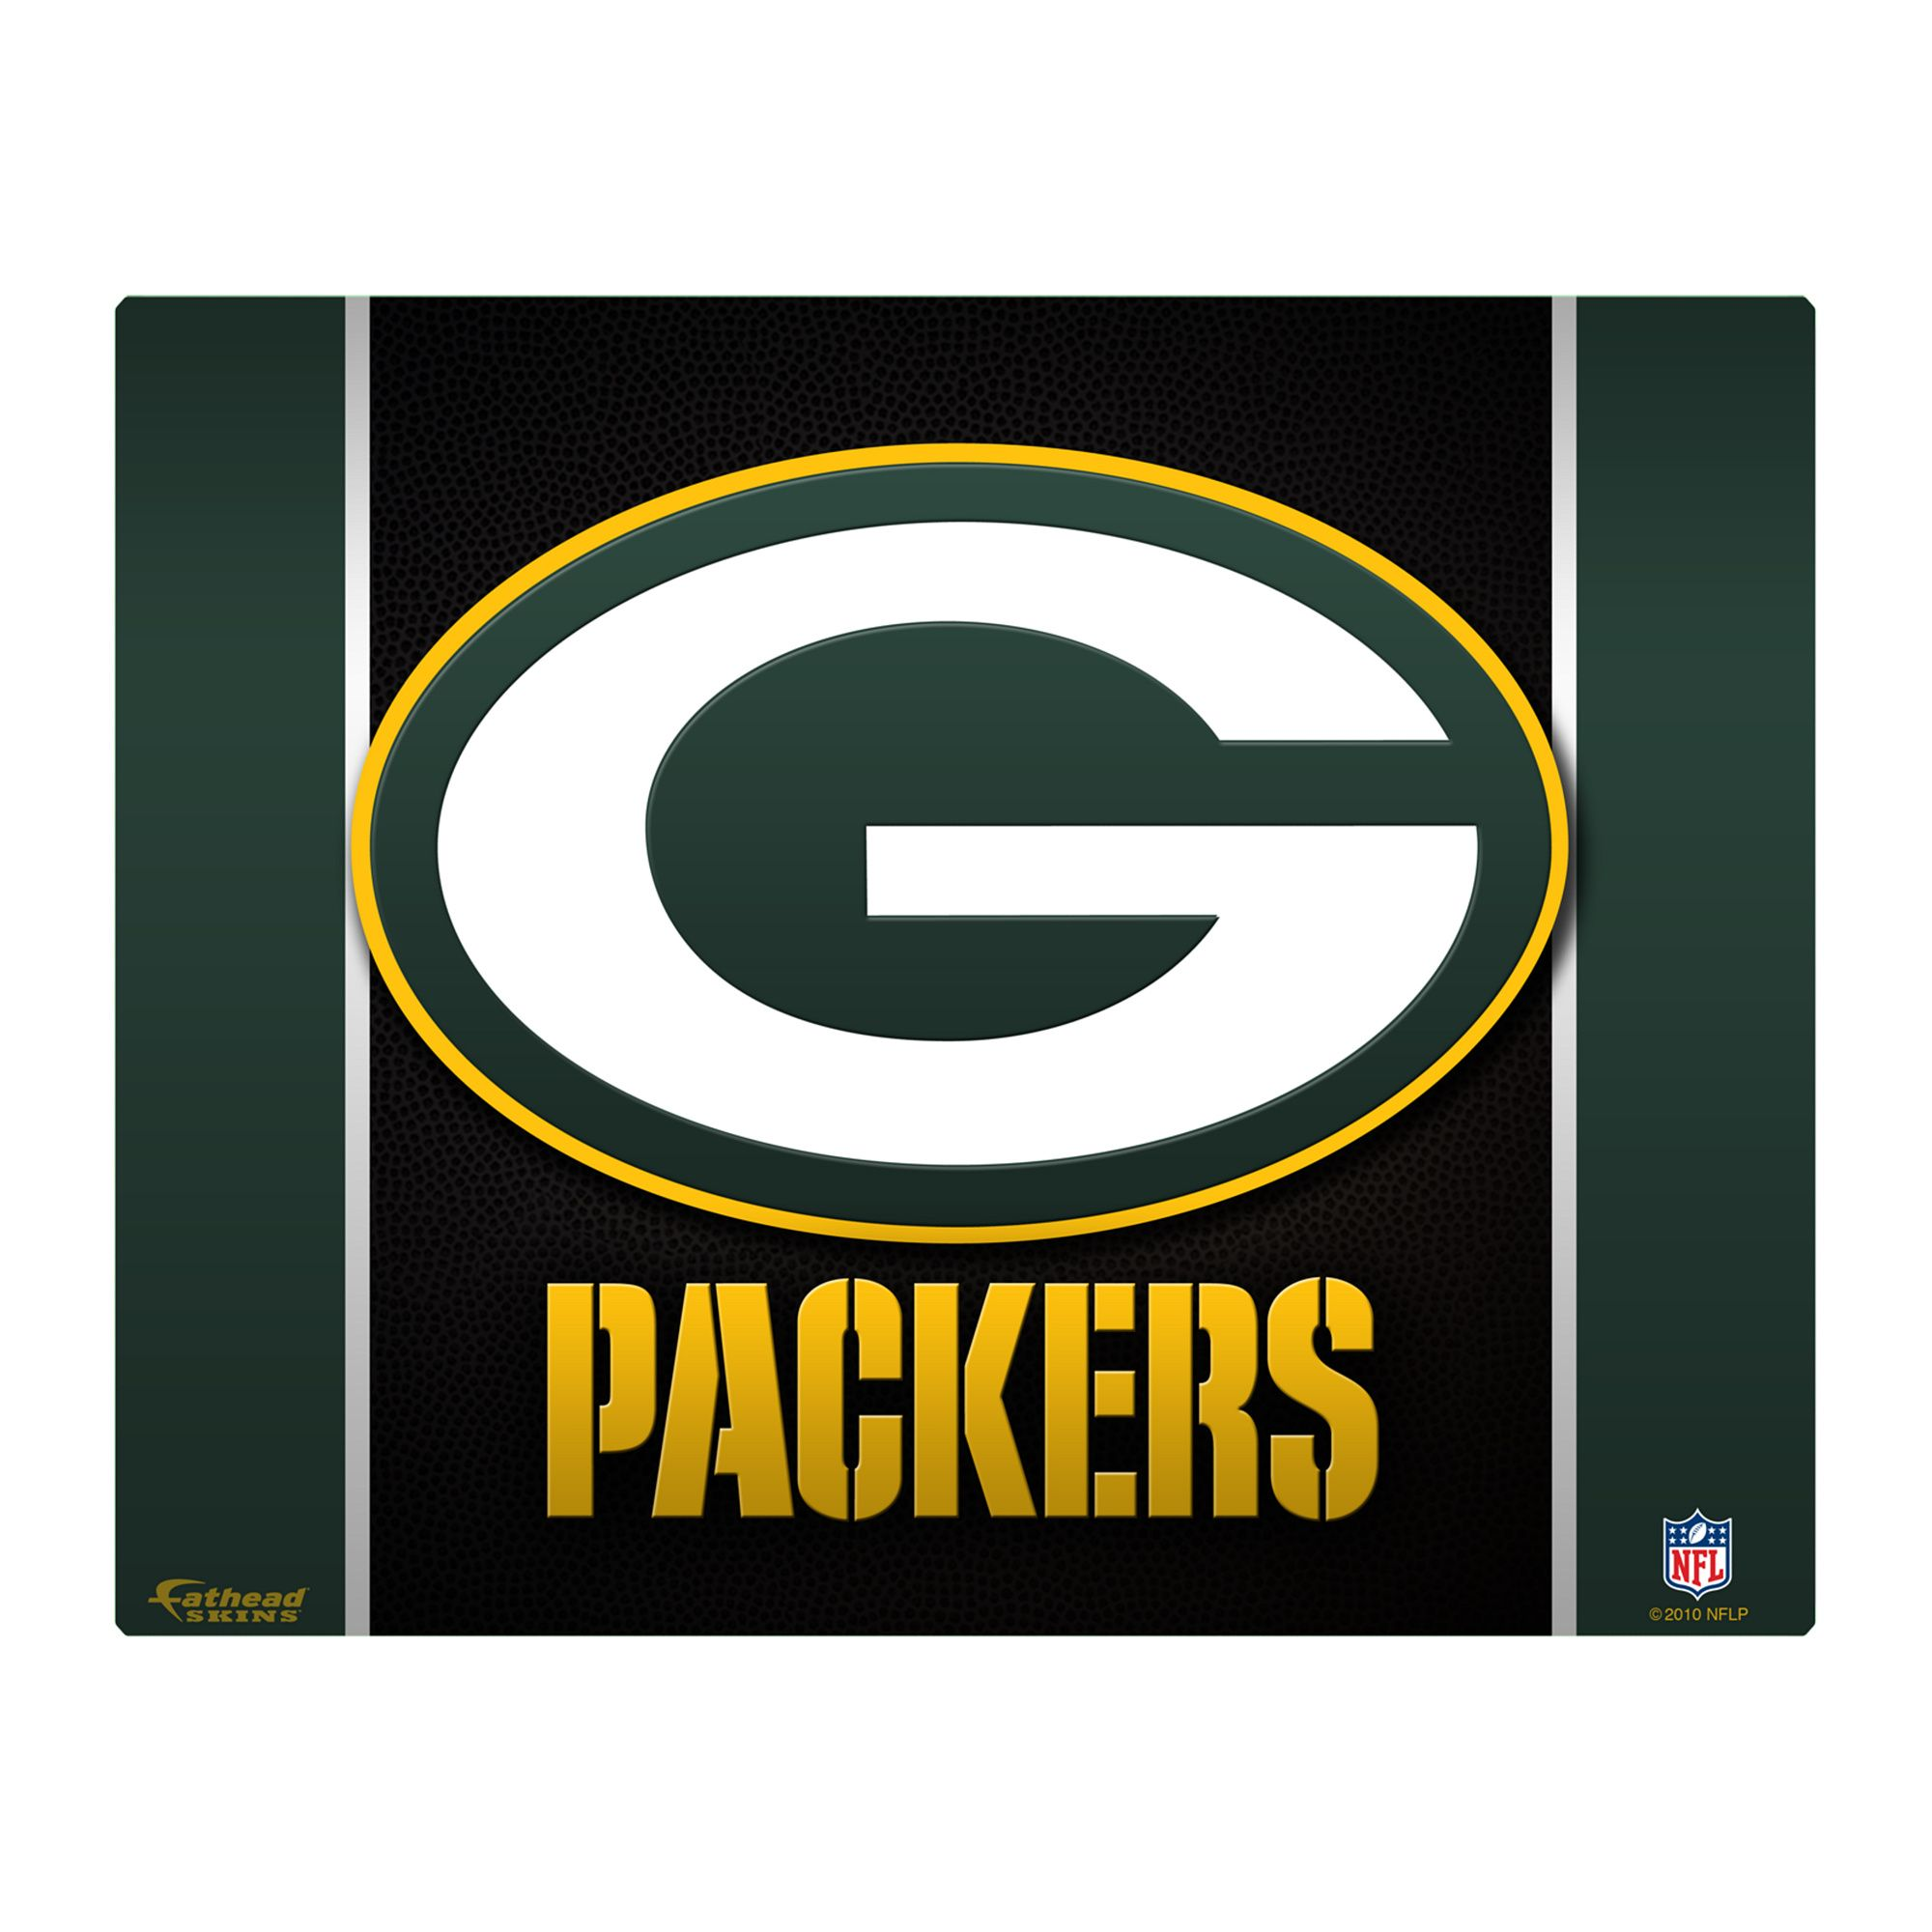 Green Bay Packers Logo 17 Green Bay Packers Logo Green Bay